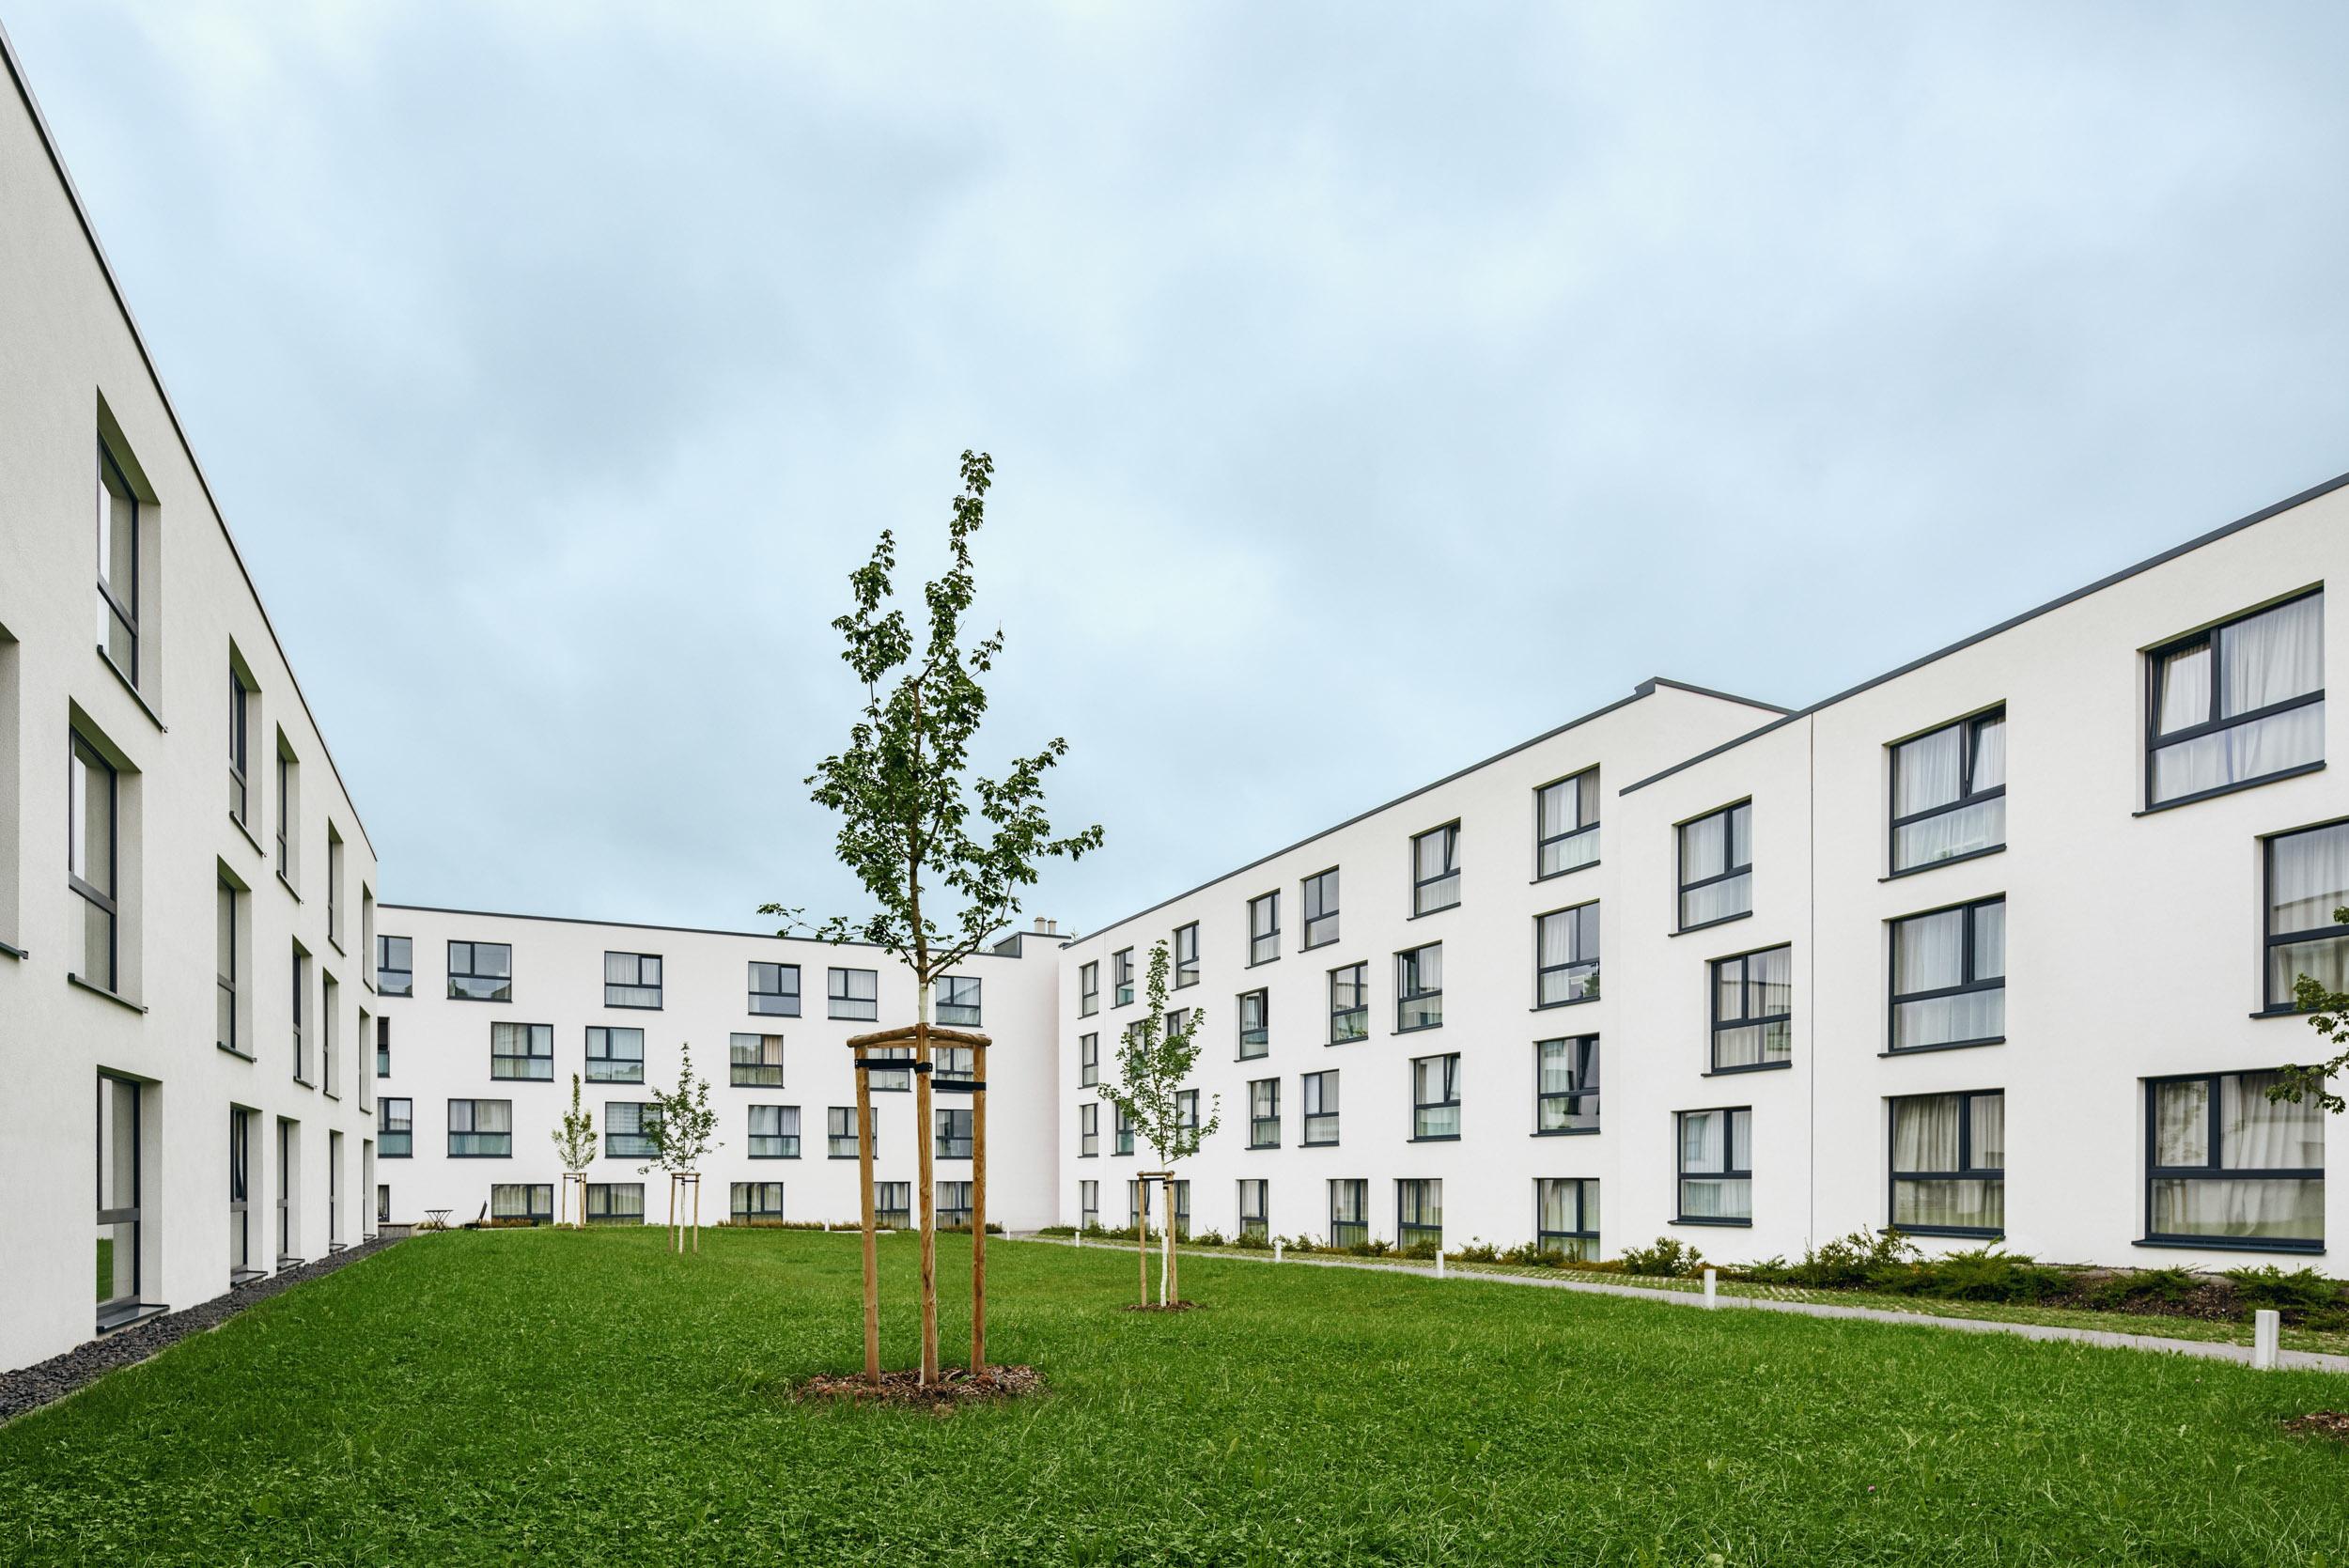 Gustav-Epple-Bauunternehmung-bayreuth-studentenwohnheim-youniq-Bayreuth_MLX5593#00